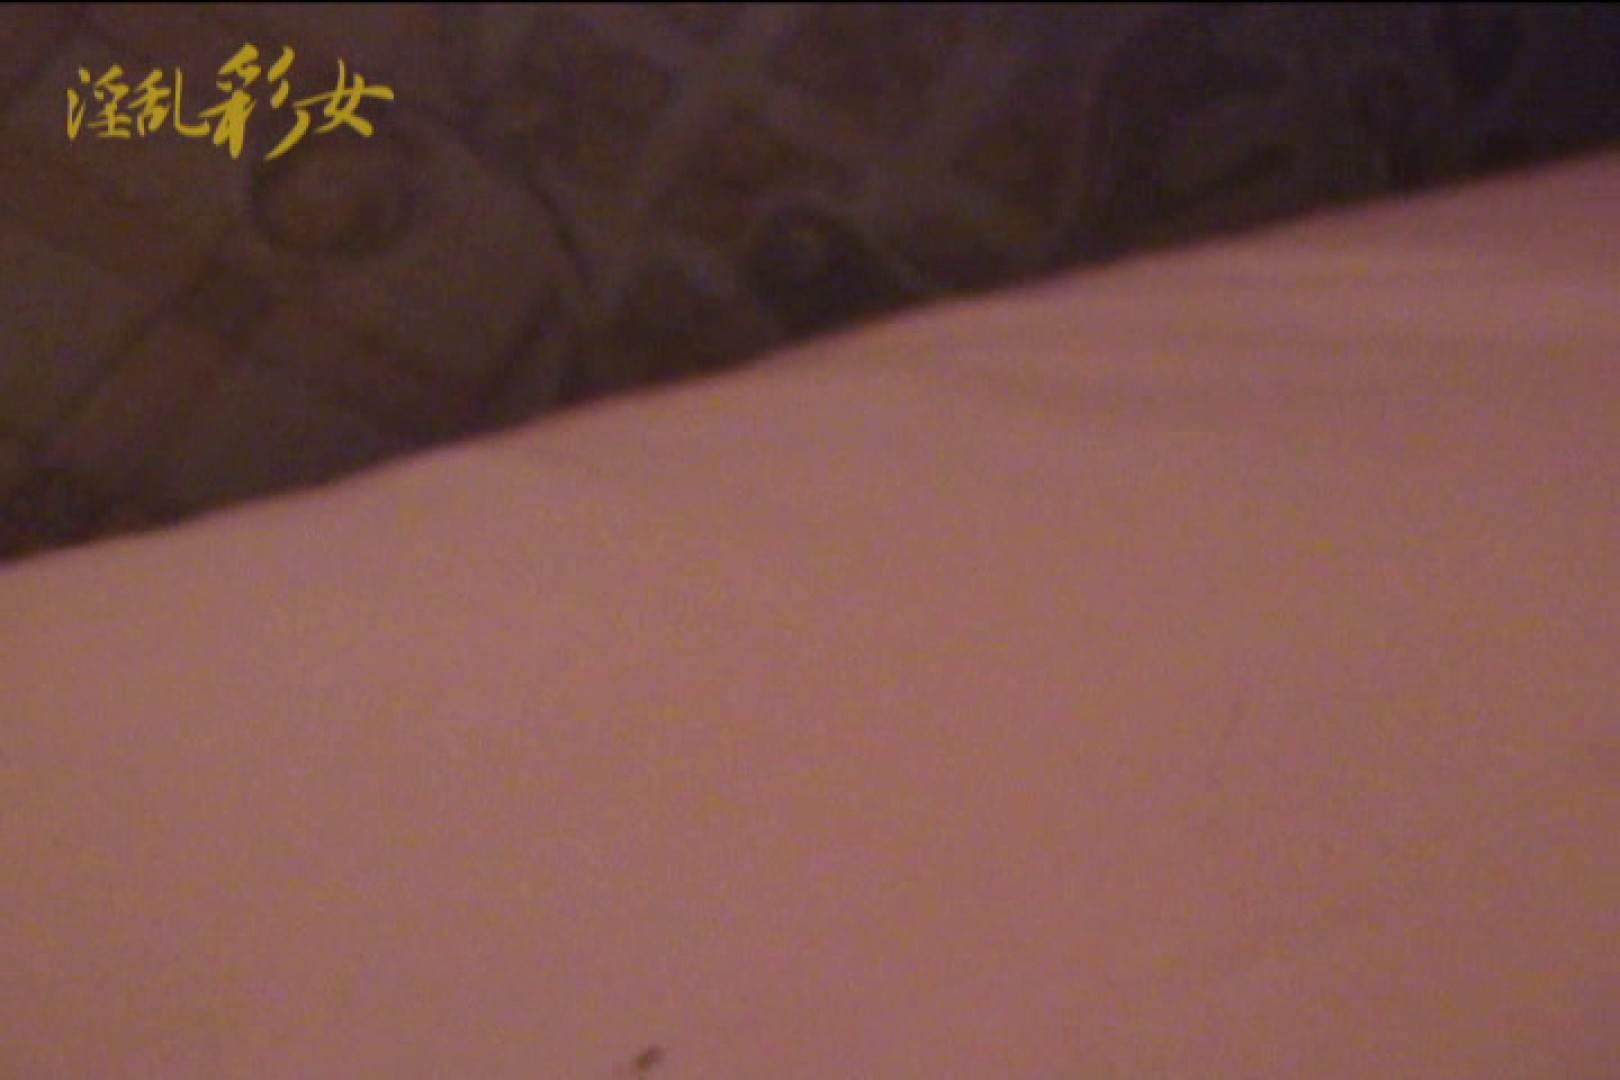 淫乱彩女 麻優里 30代の公認彼氏に貸し出し3 一般投稿 | 中出し  99画像 19